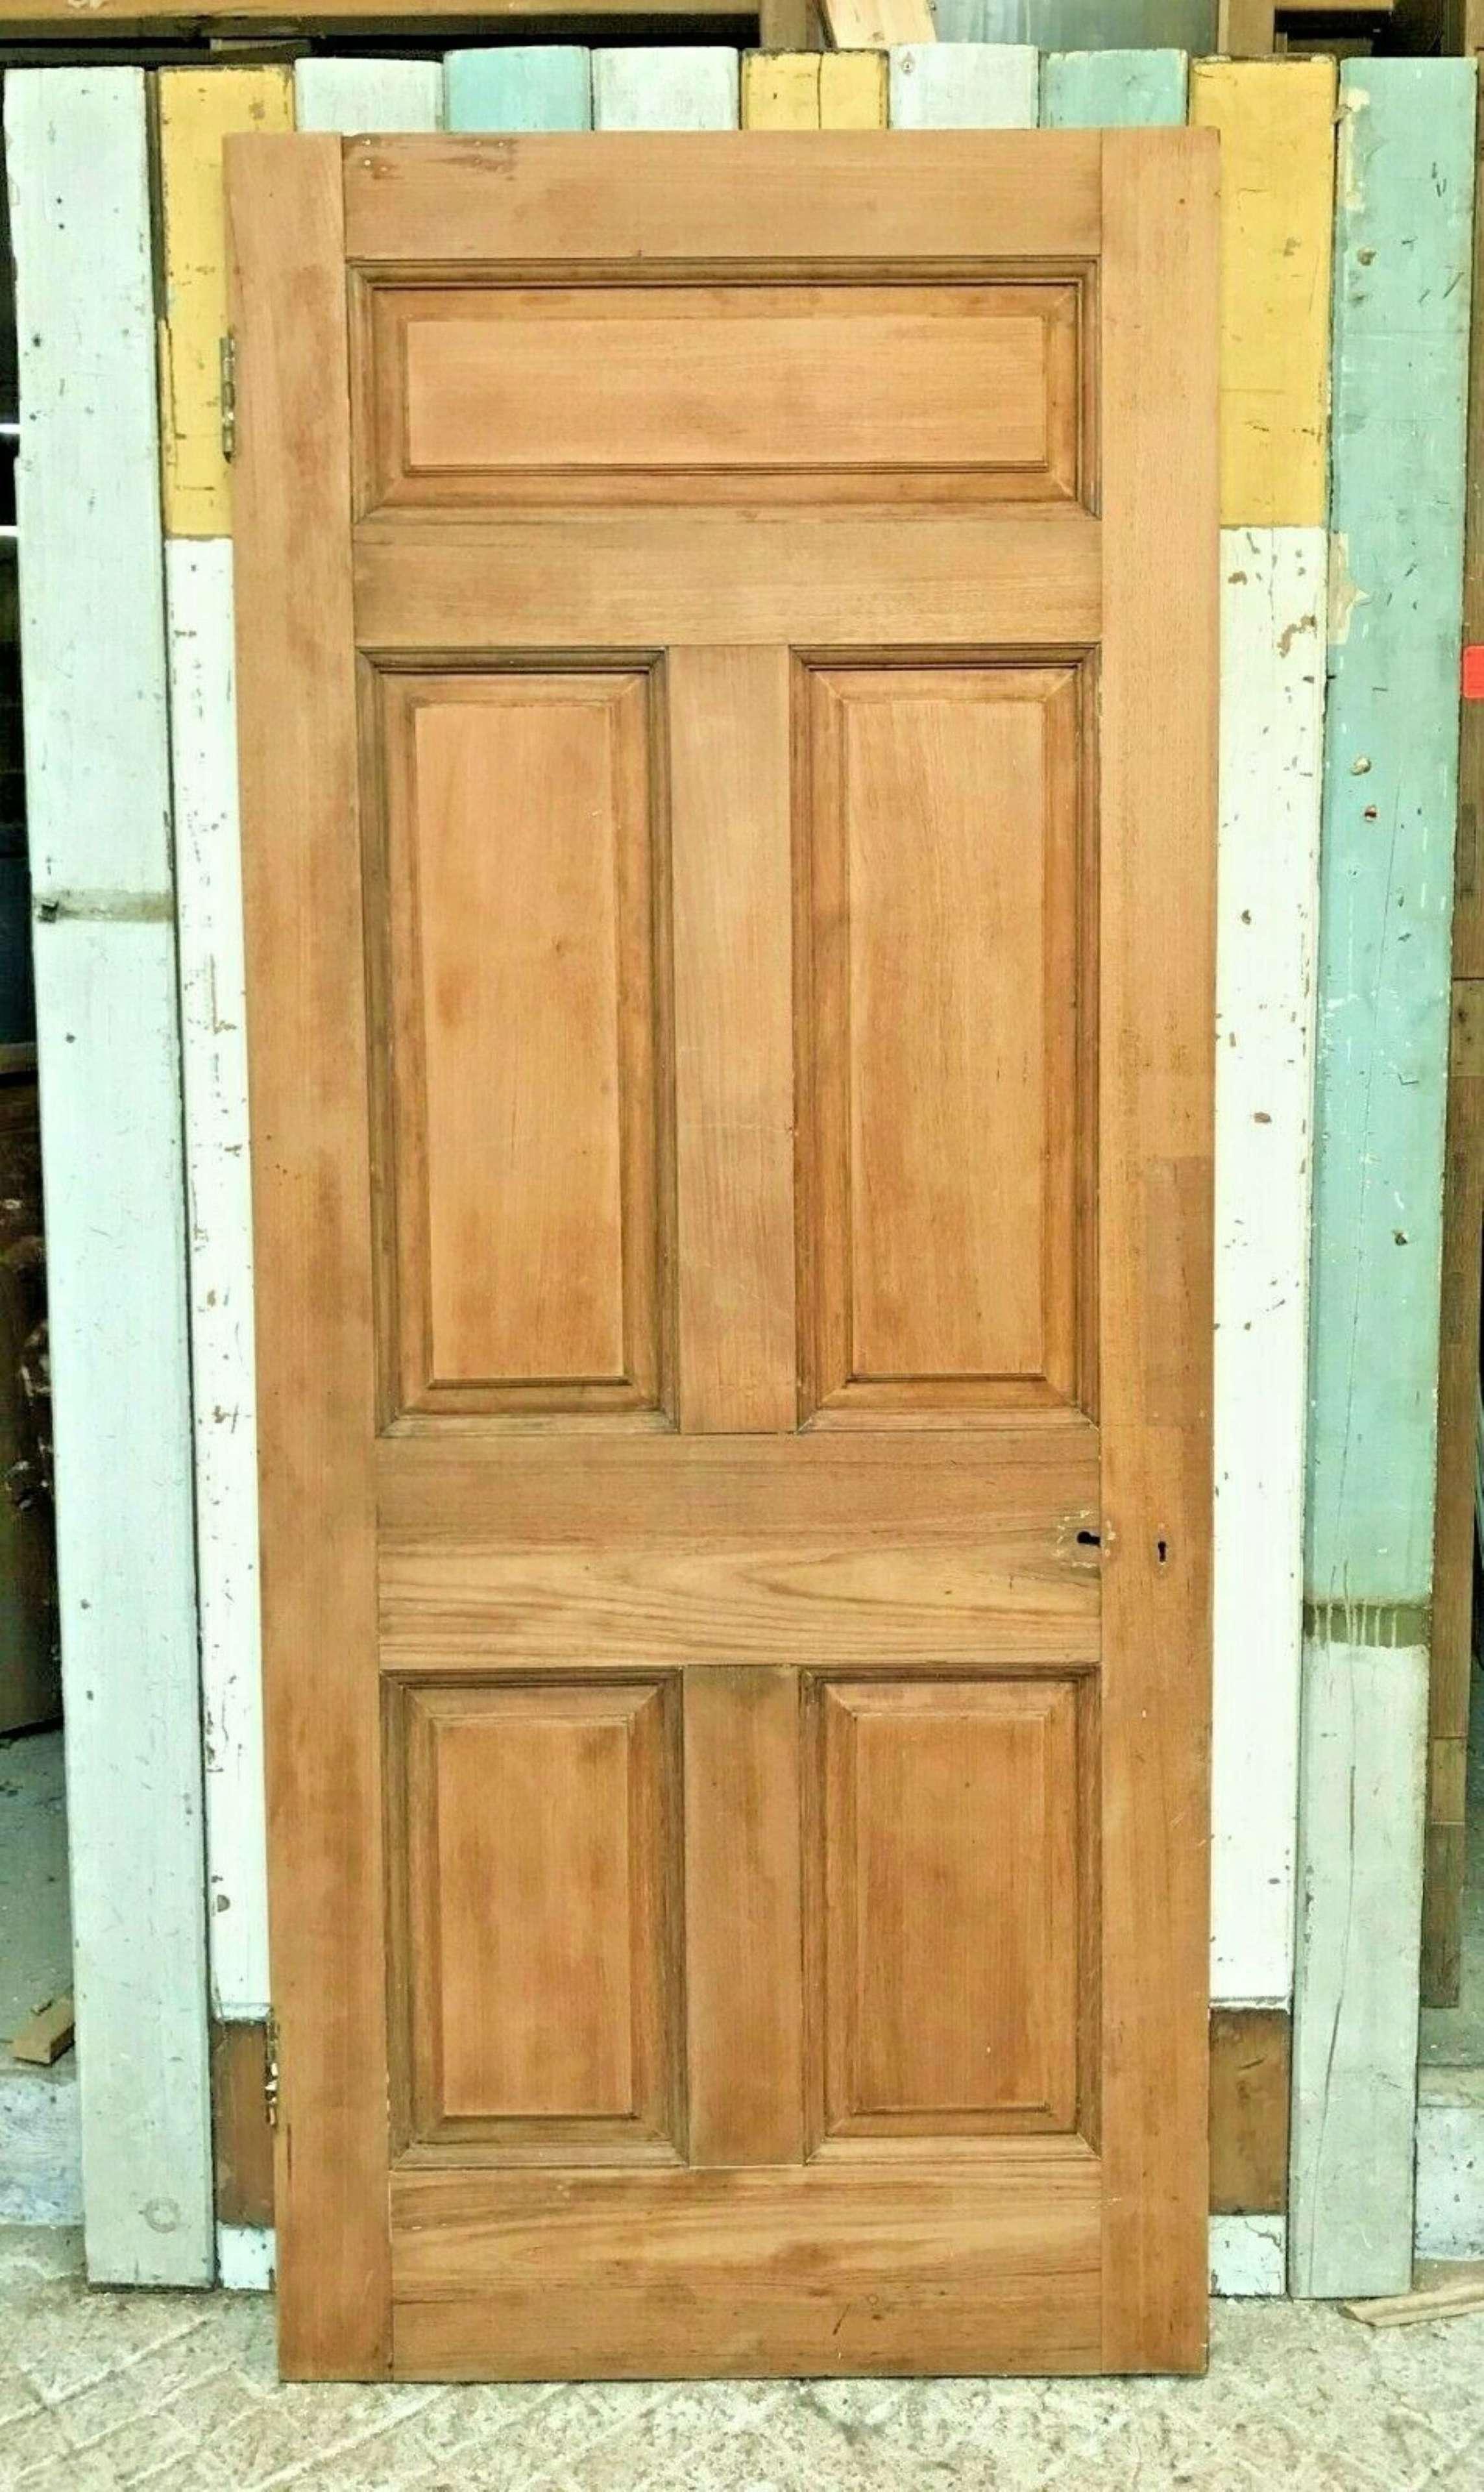 DE0673 A RECLAIMED TEAK INTERIOR / EXTERIOR DOOR